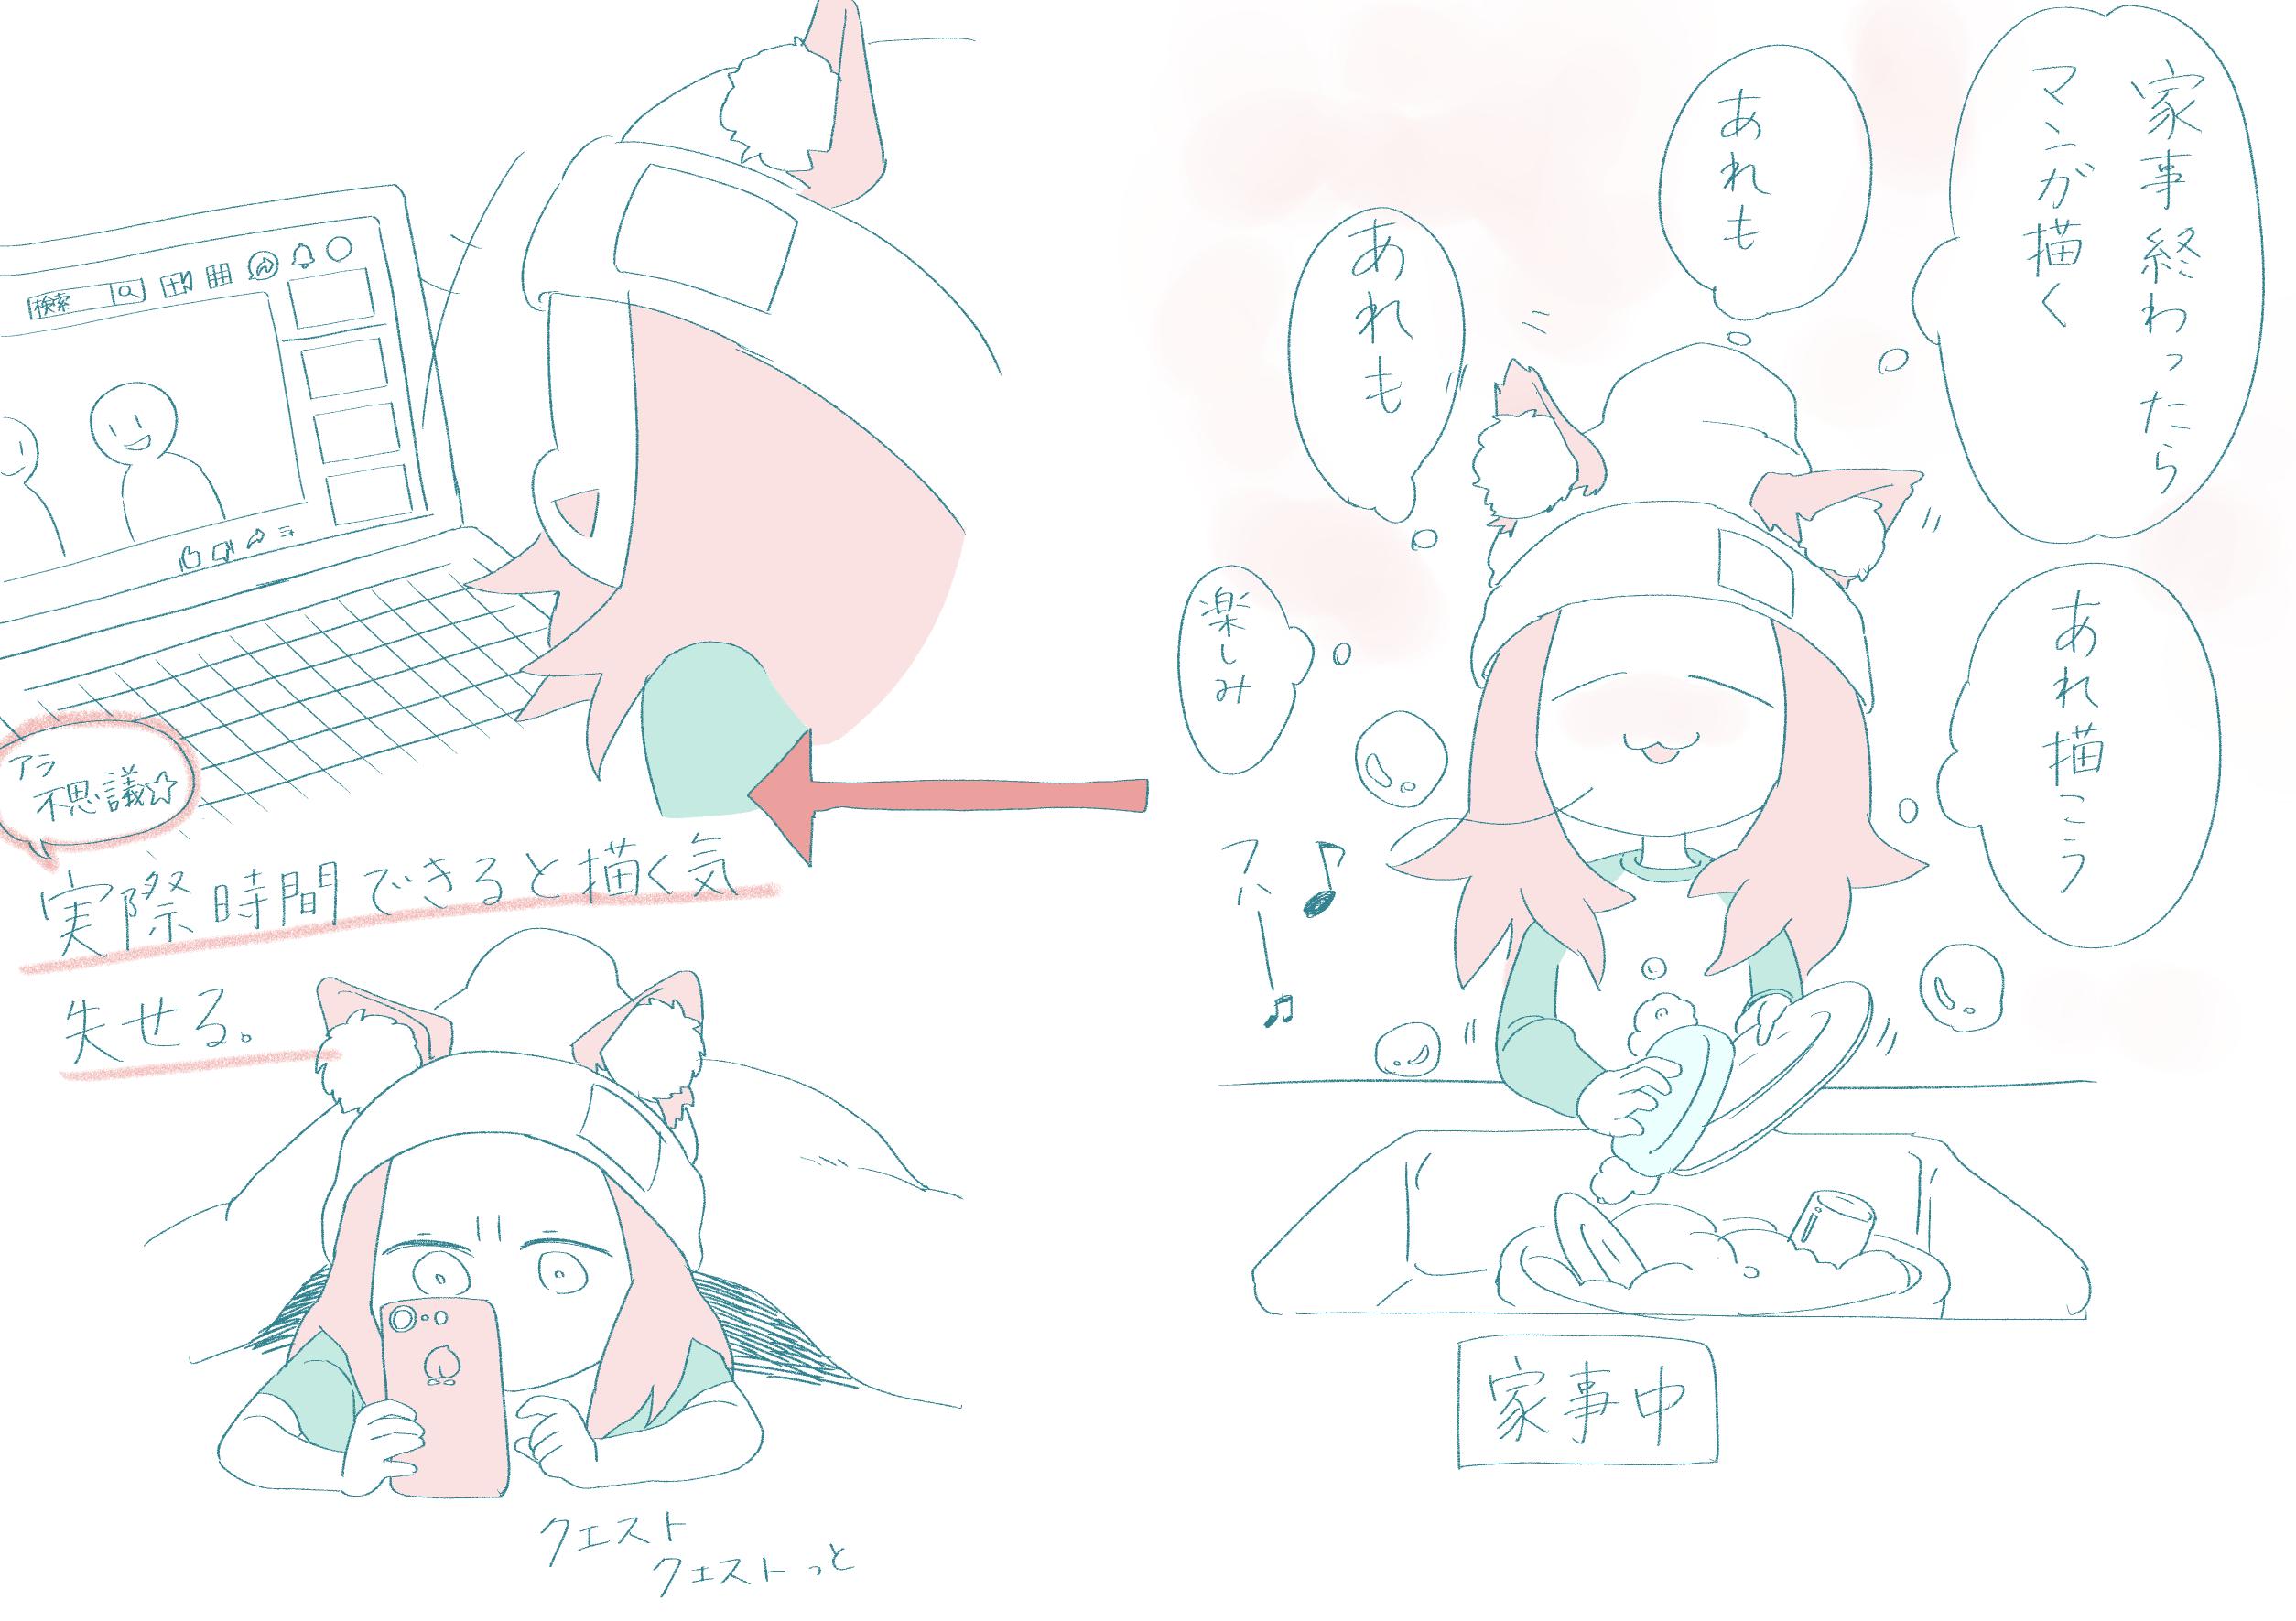 漫画キャラクター まんが マンガ